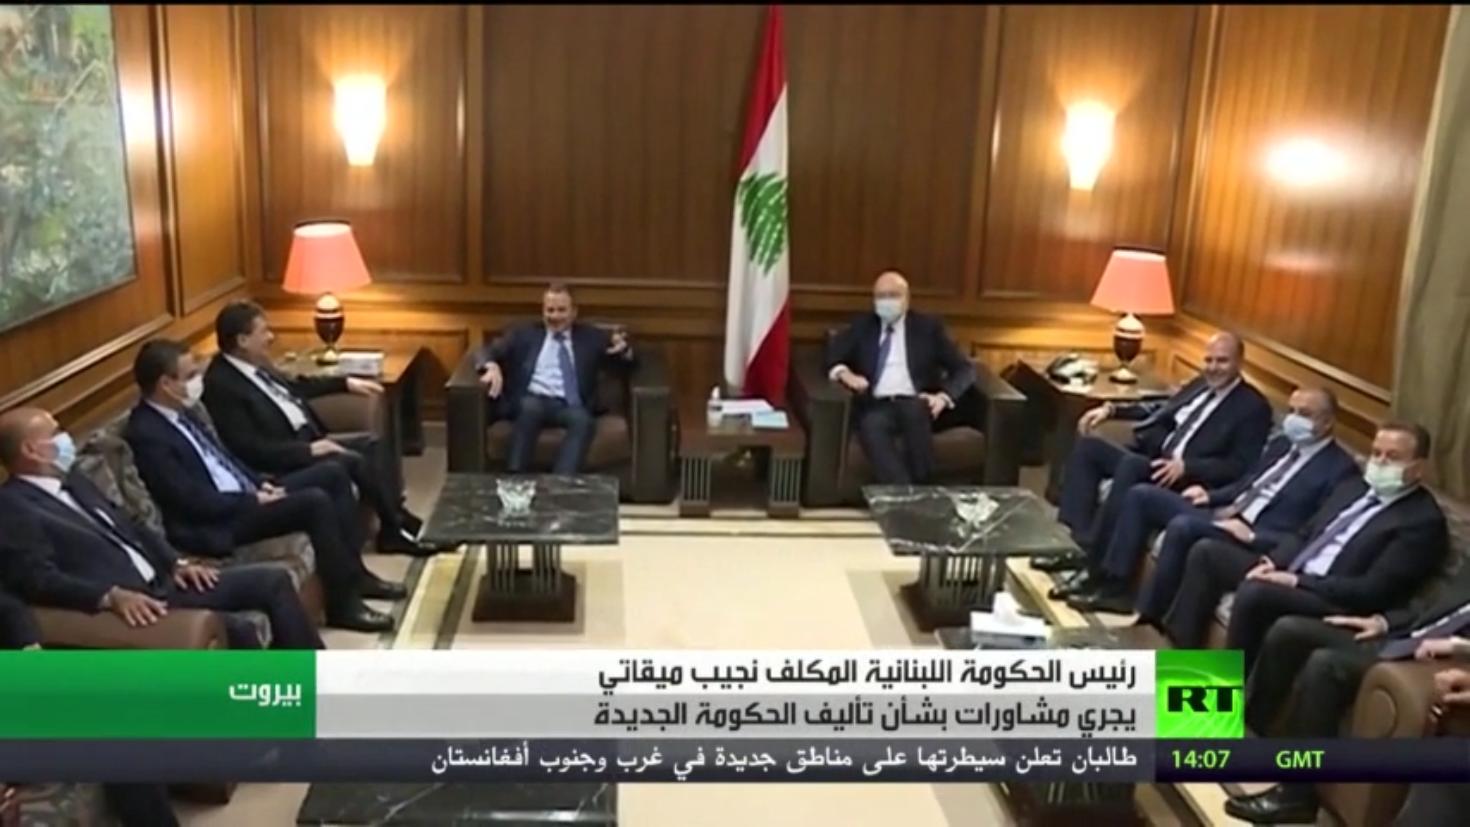 ميقاتي يجري مشاورات تشكيل الحكومة في لبنان